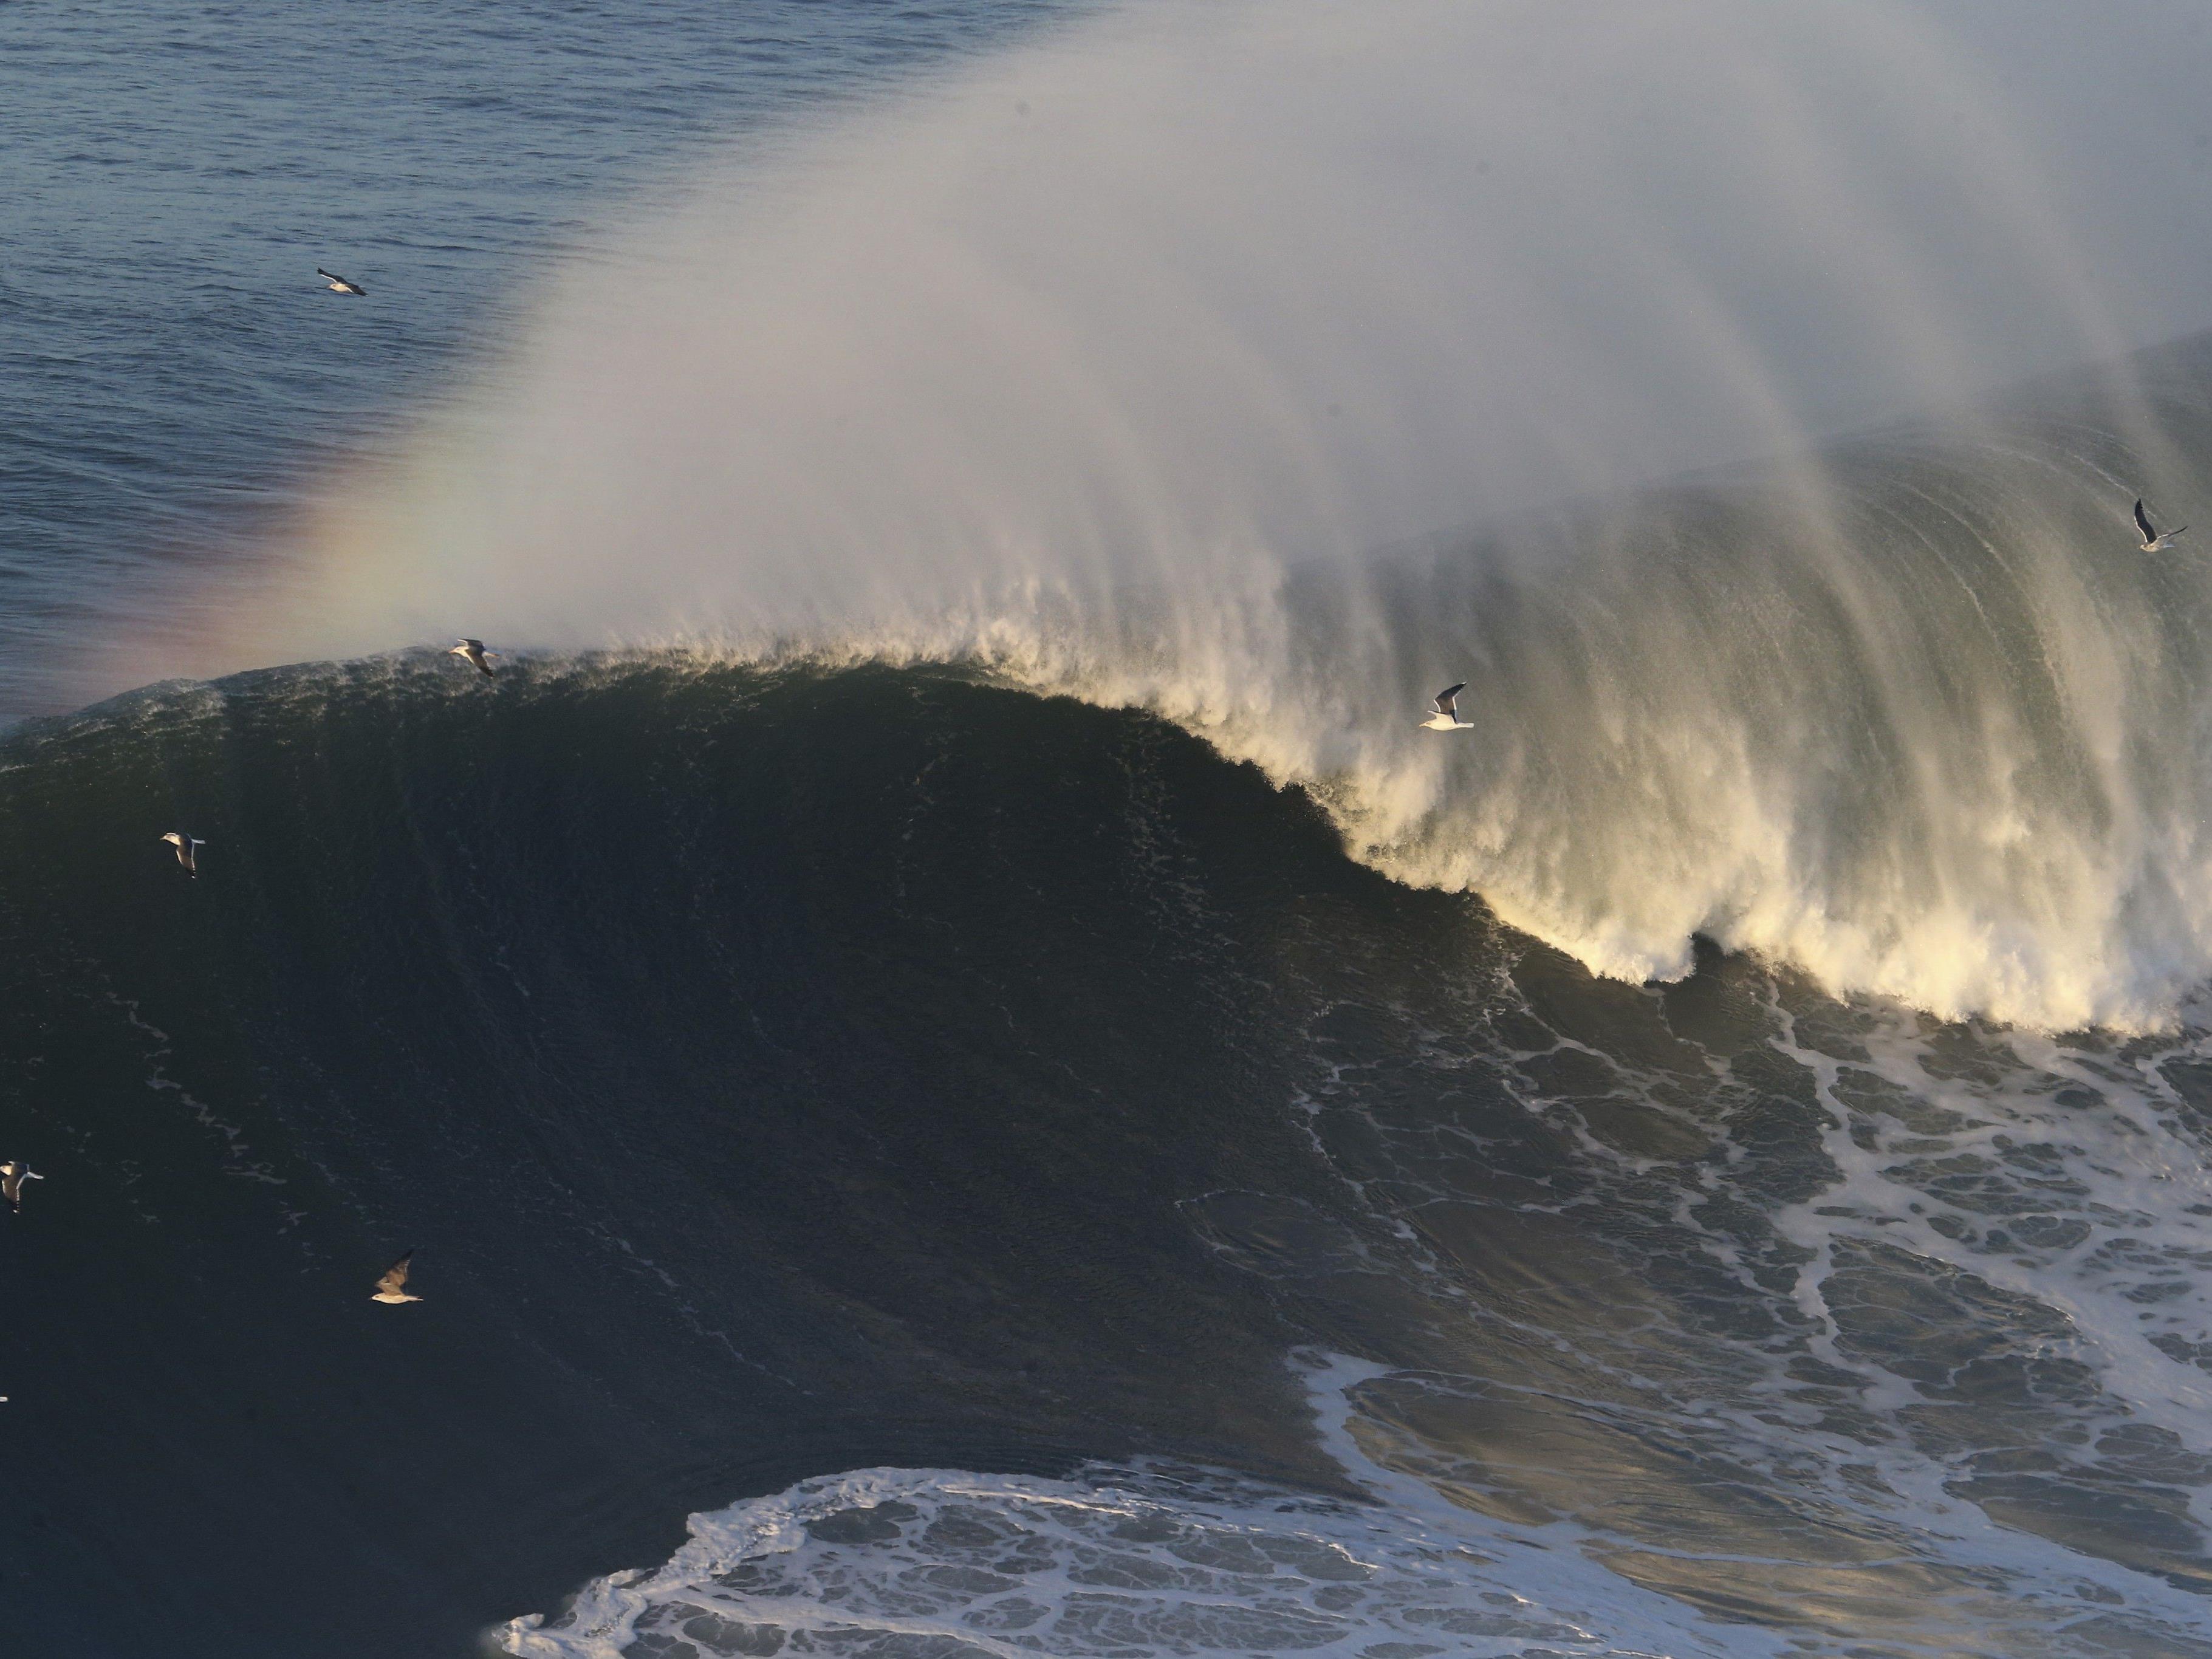 Weltweit suchen Adrenalinjunkies nach den größten Wellen.